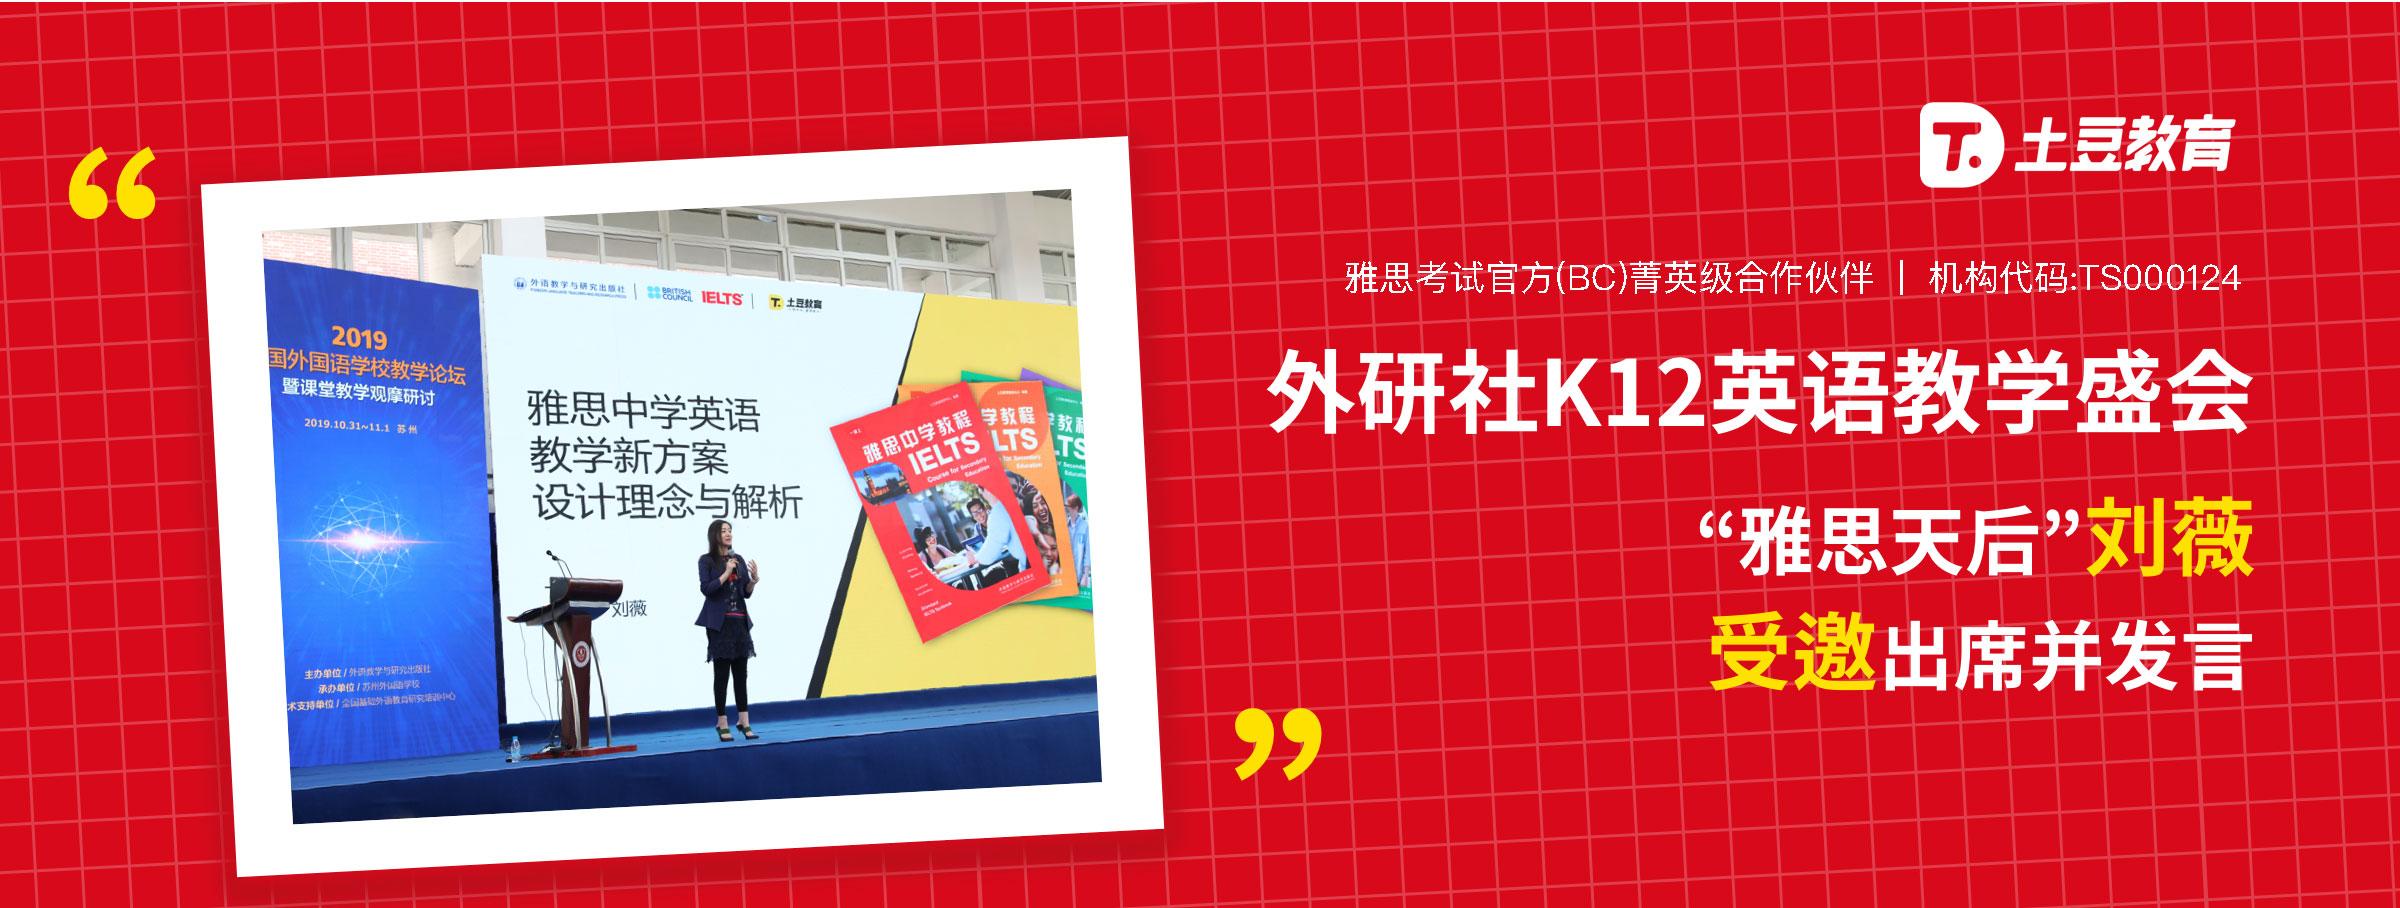 """外研社K12英语教学盛会,""""雅思天后""""刘薇受邀出席并发言"""